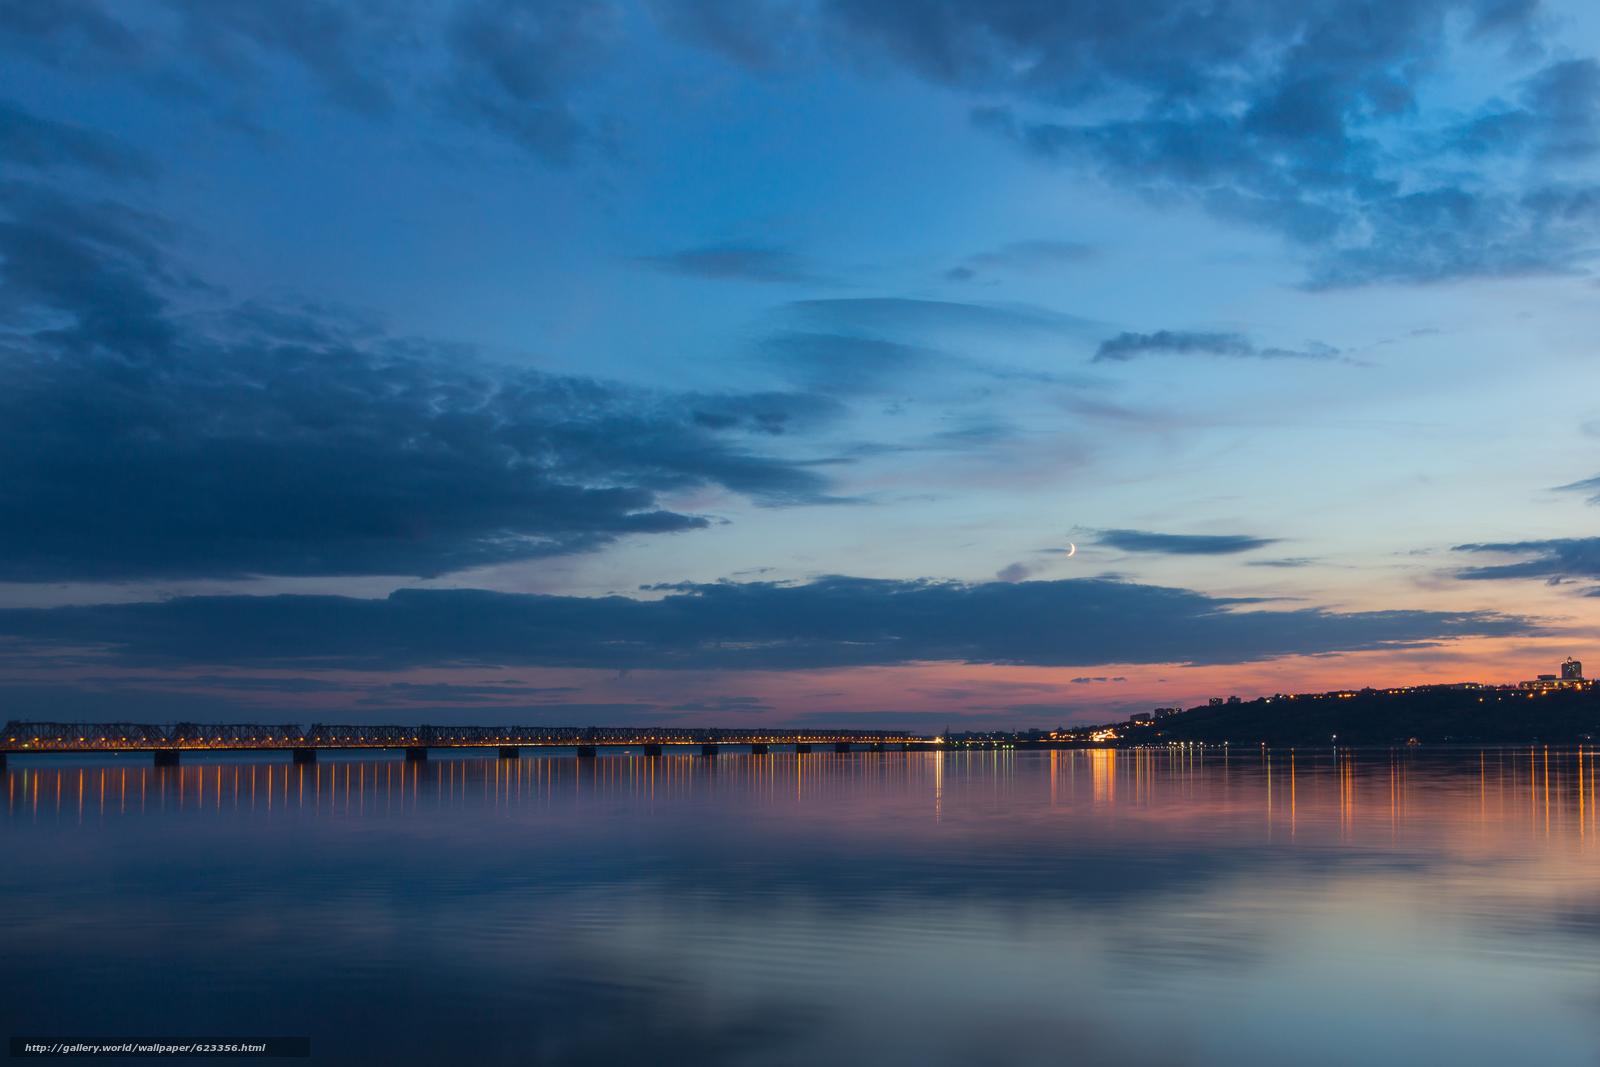 Скачать обои Вечер,  сумерки,  мост,  река бесплатно для рабочего стола в разрешении 5184x3456 — картинка №623356